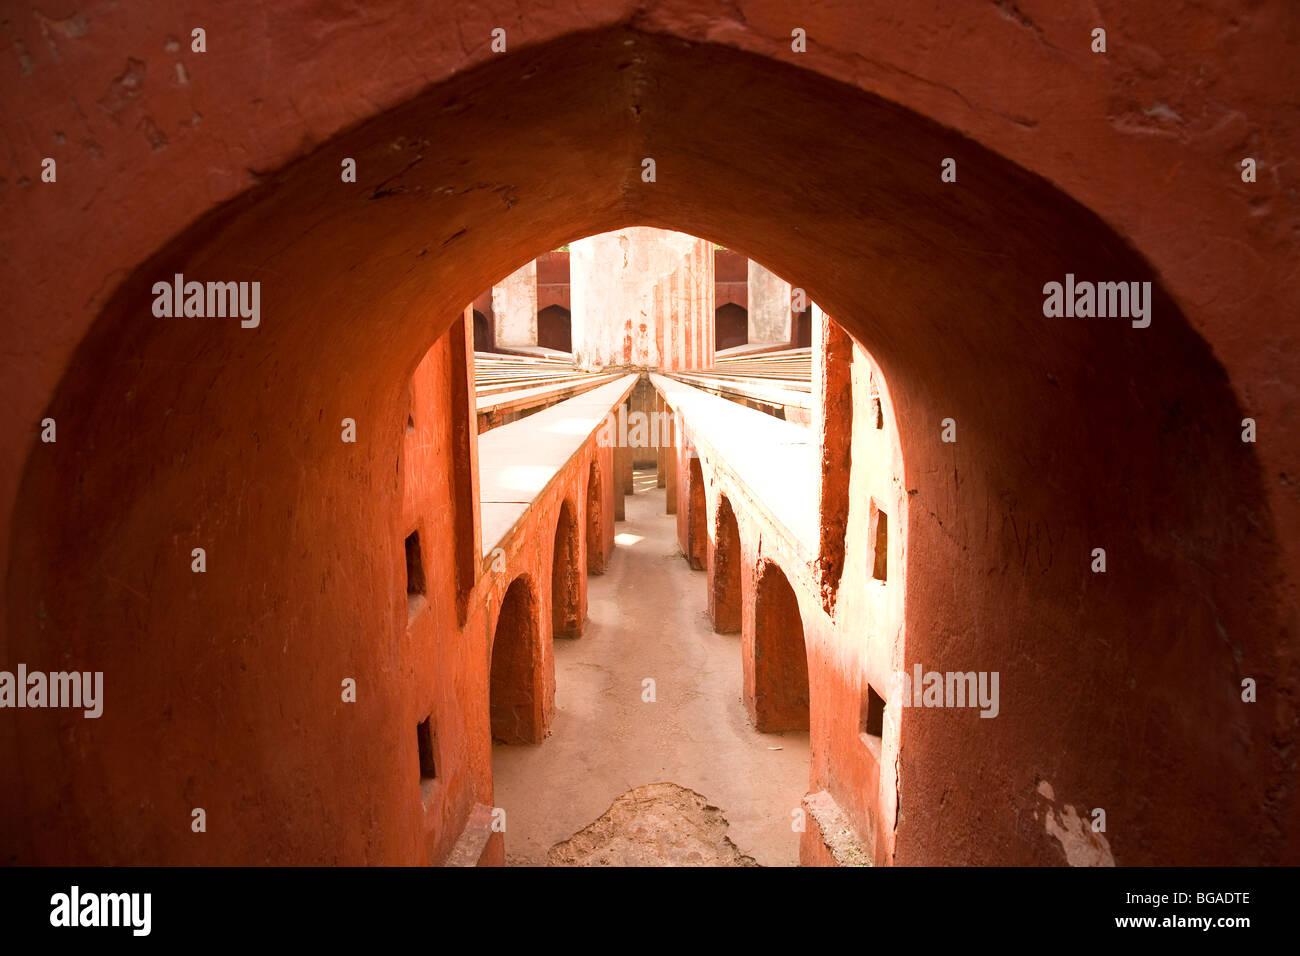 Uno degli strumenti astronomici a Jantar Mantar a New Delhi, India. Immagini Stock